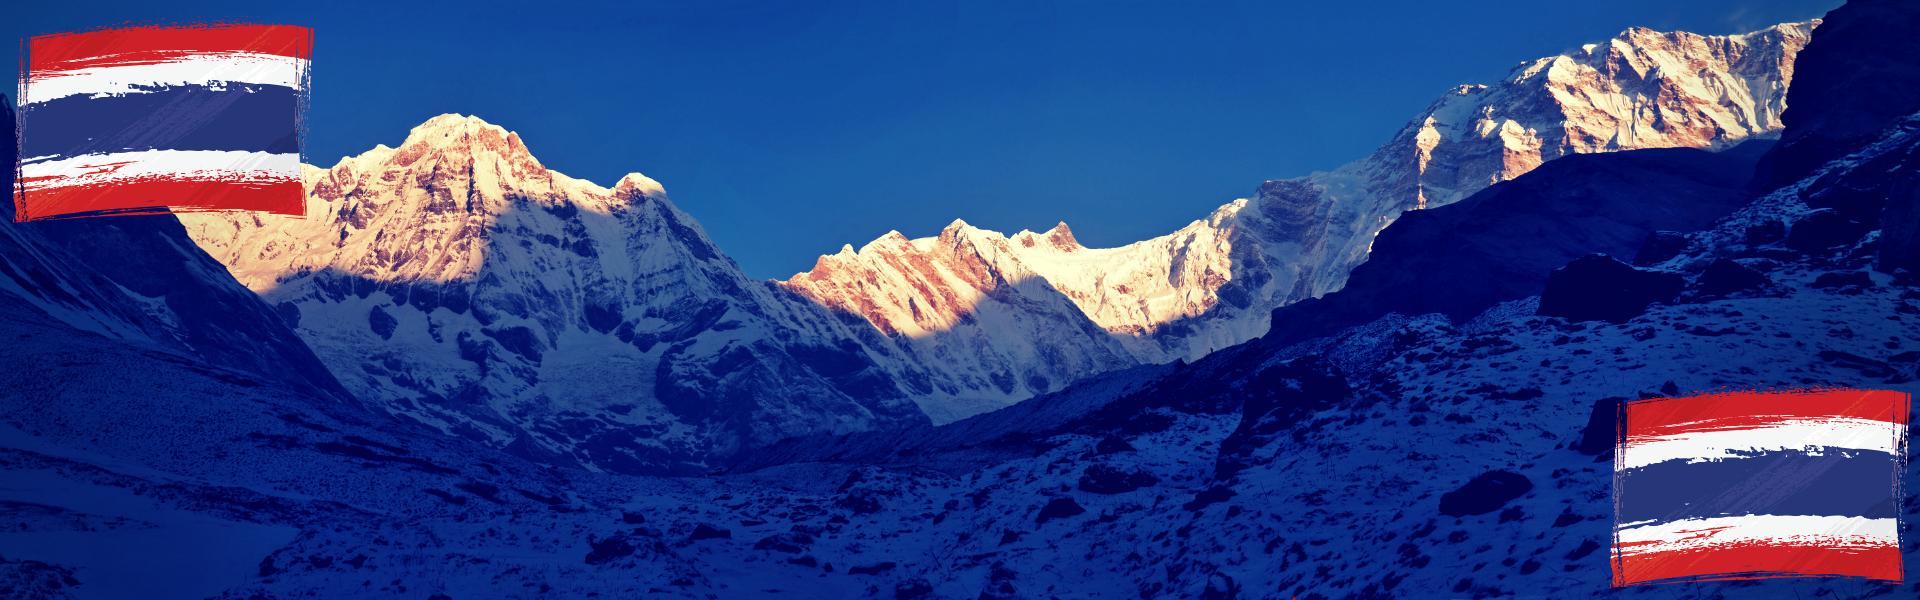 Thai New Year 2019 – Annapurna Base Camp Trek!